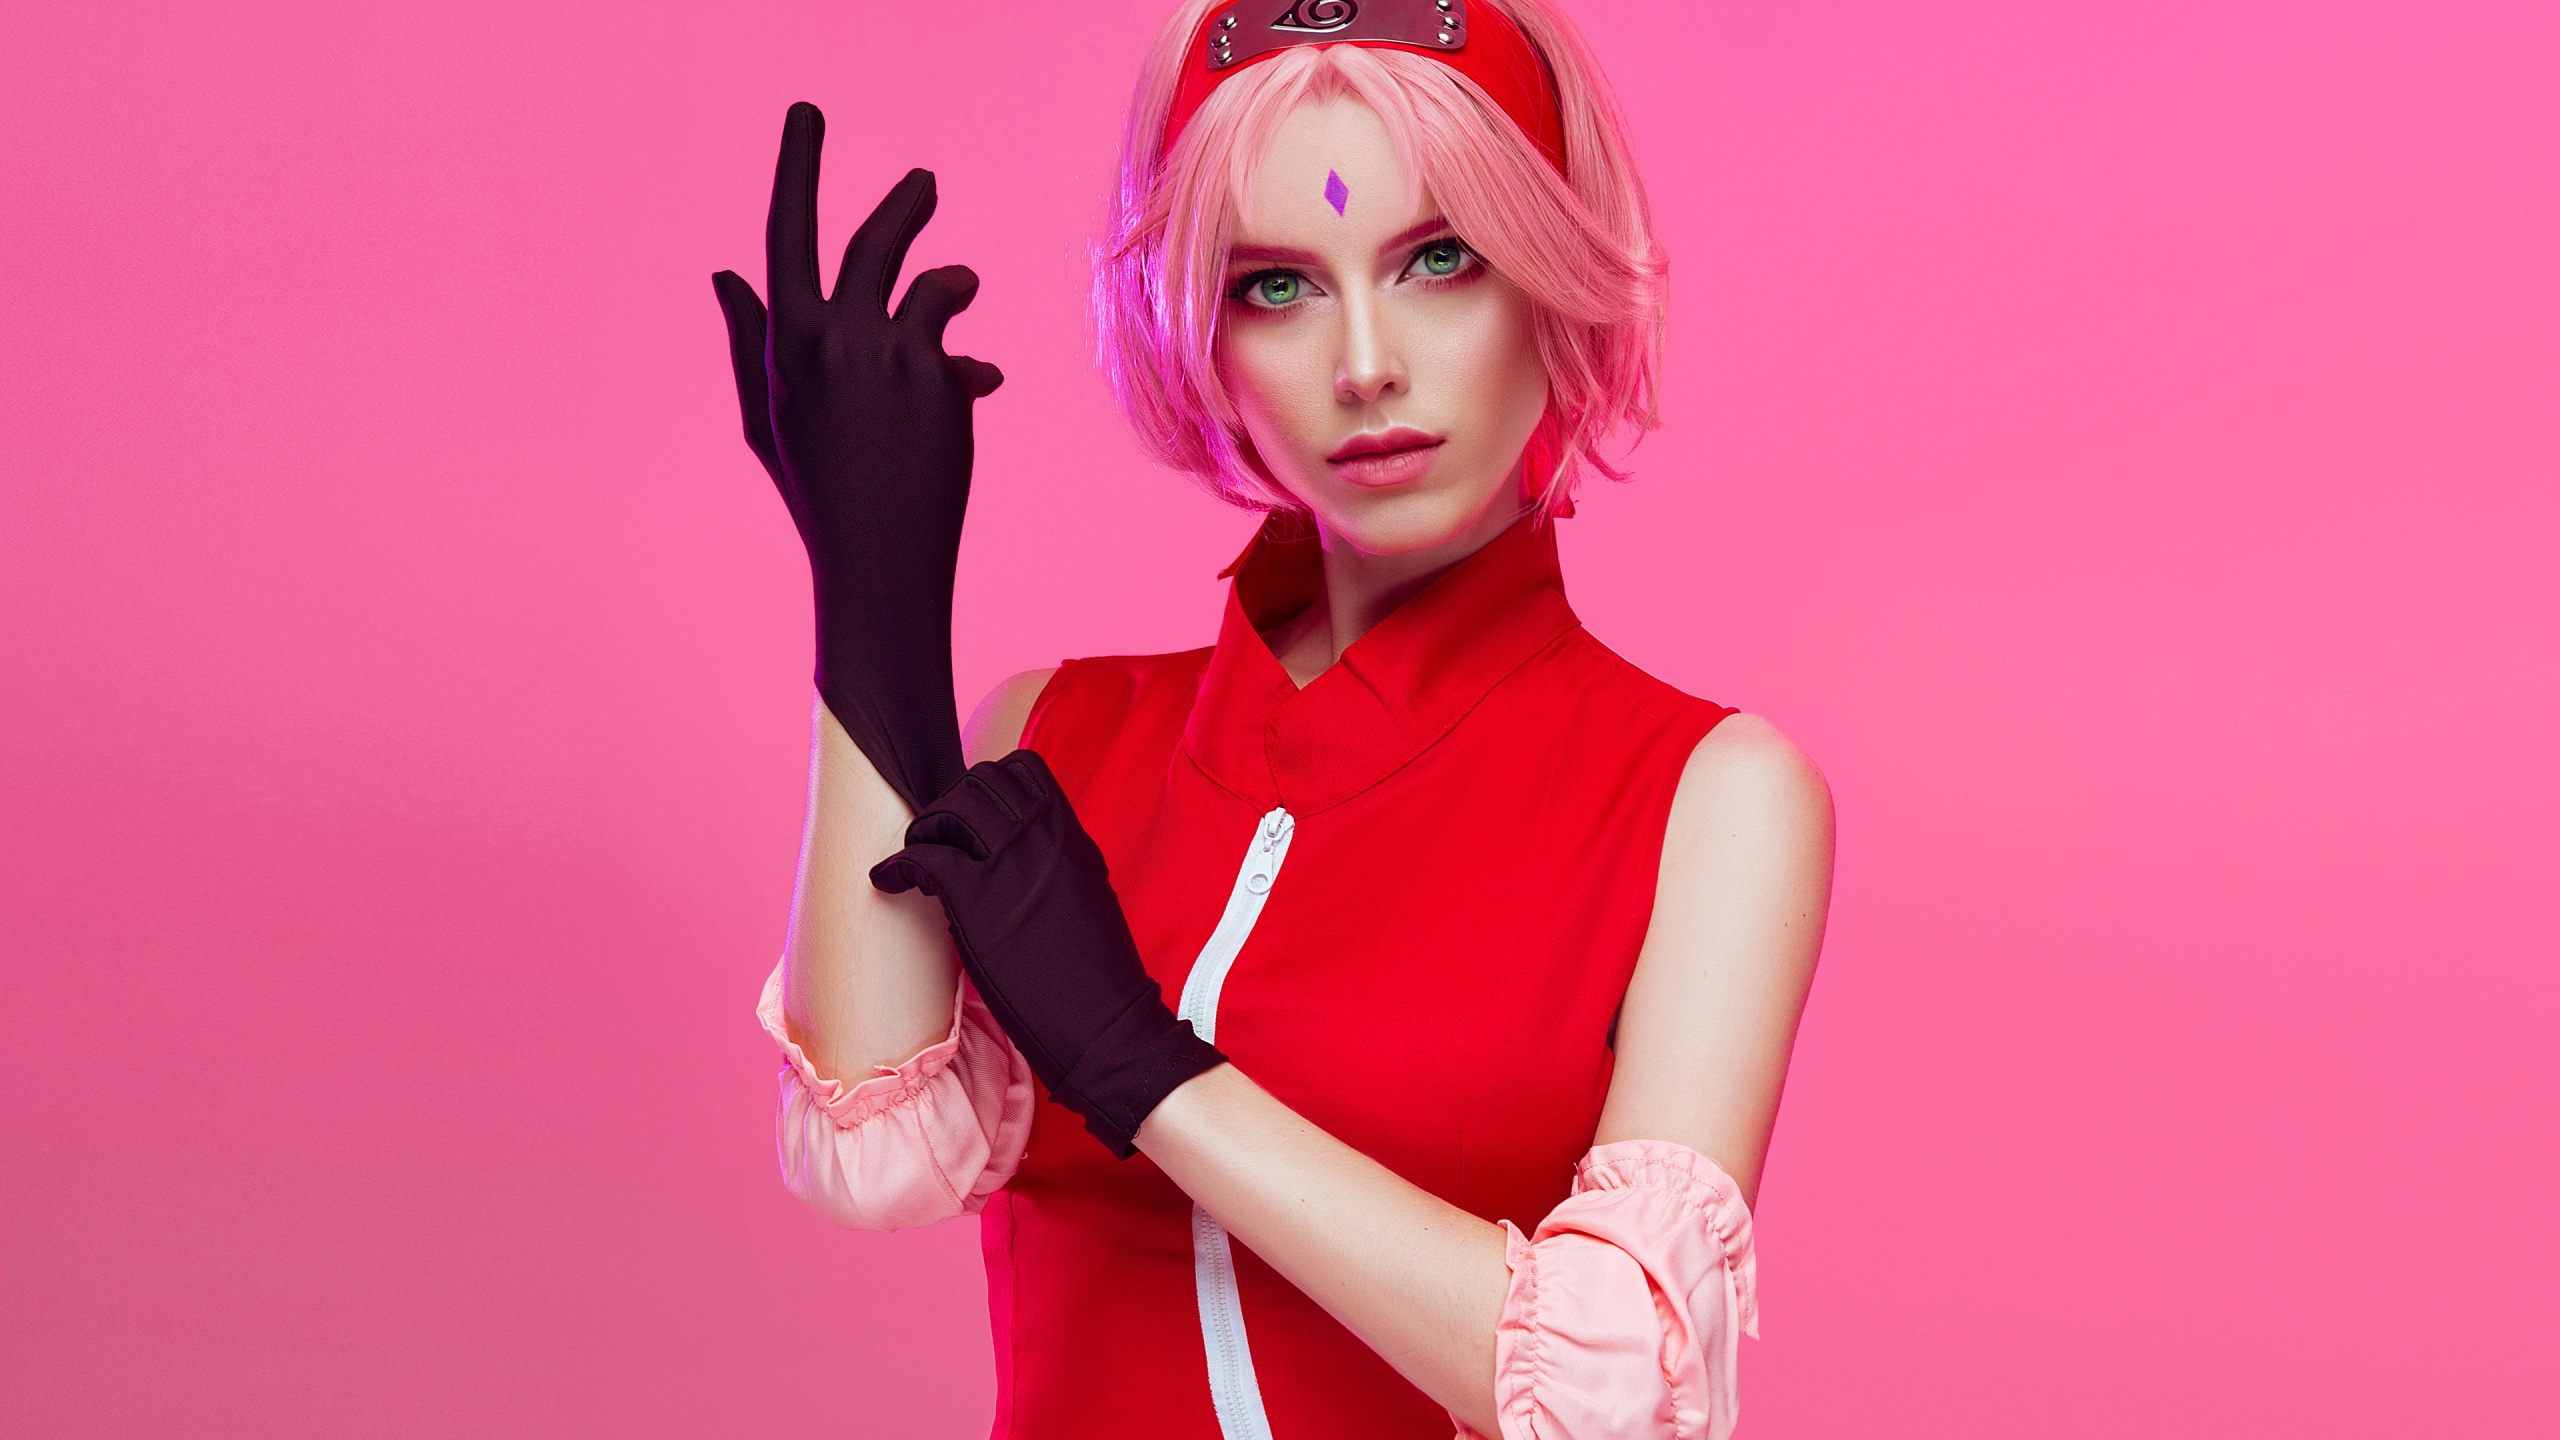 sakura haruno naruto shippuden anime cosplay 2560x1440 968